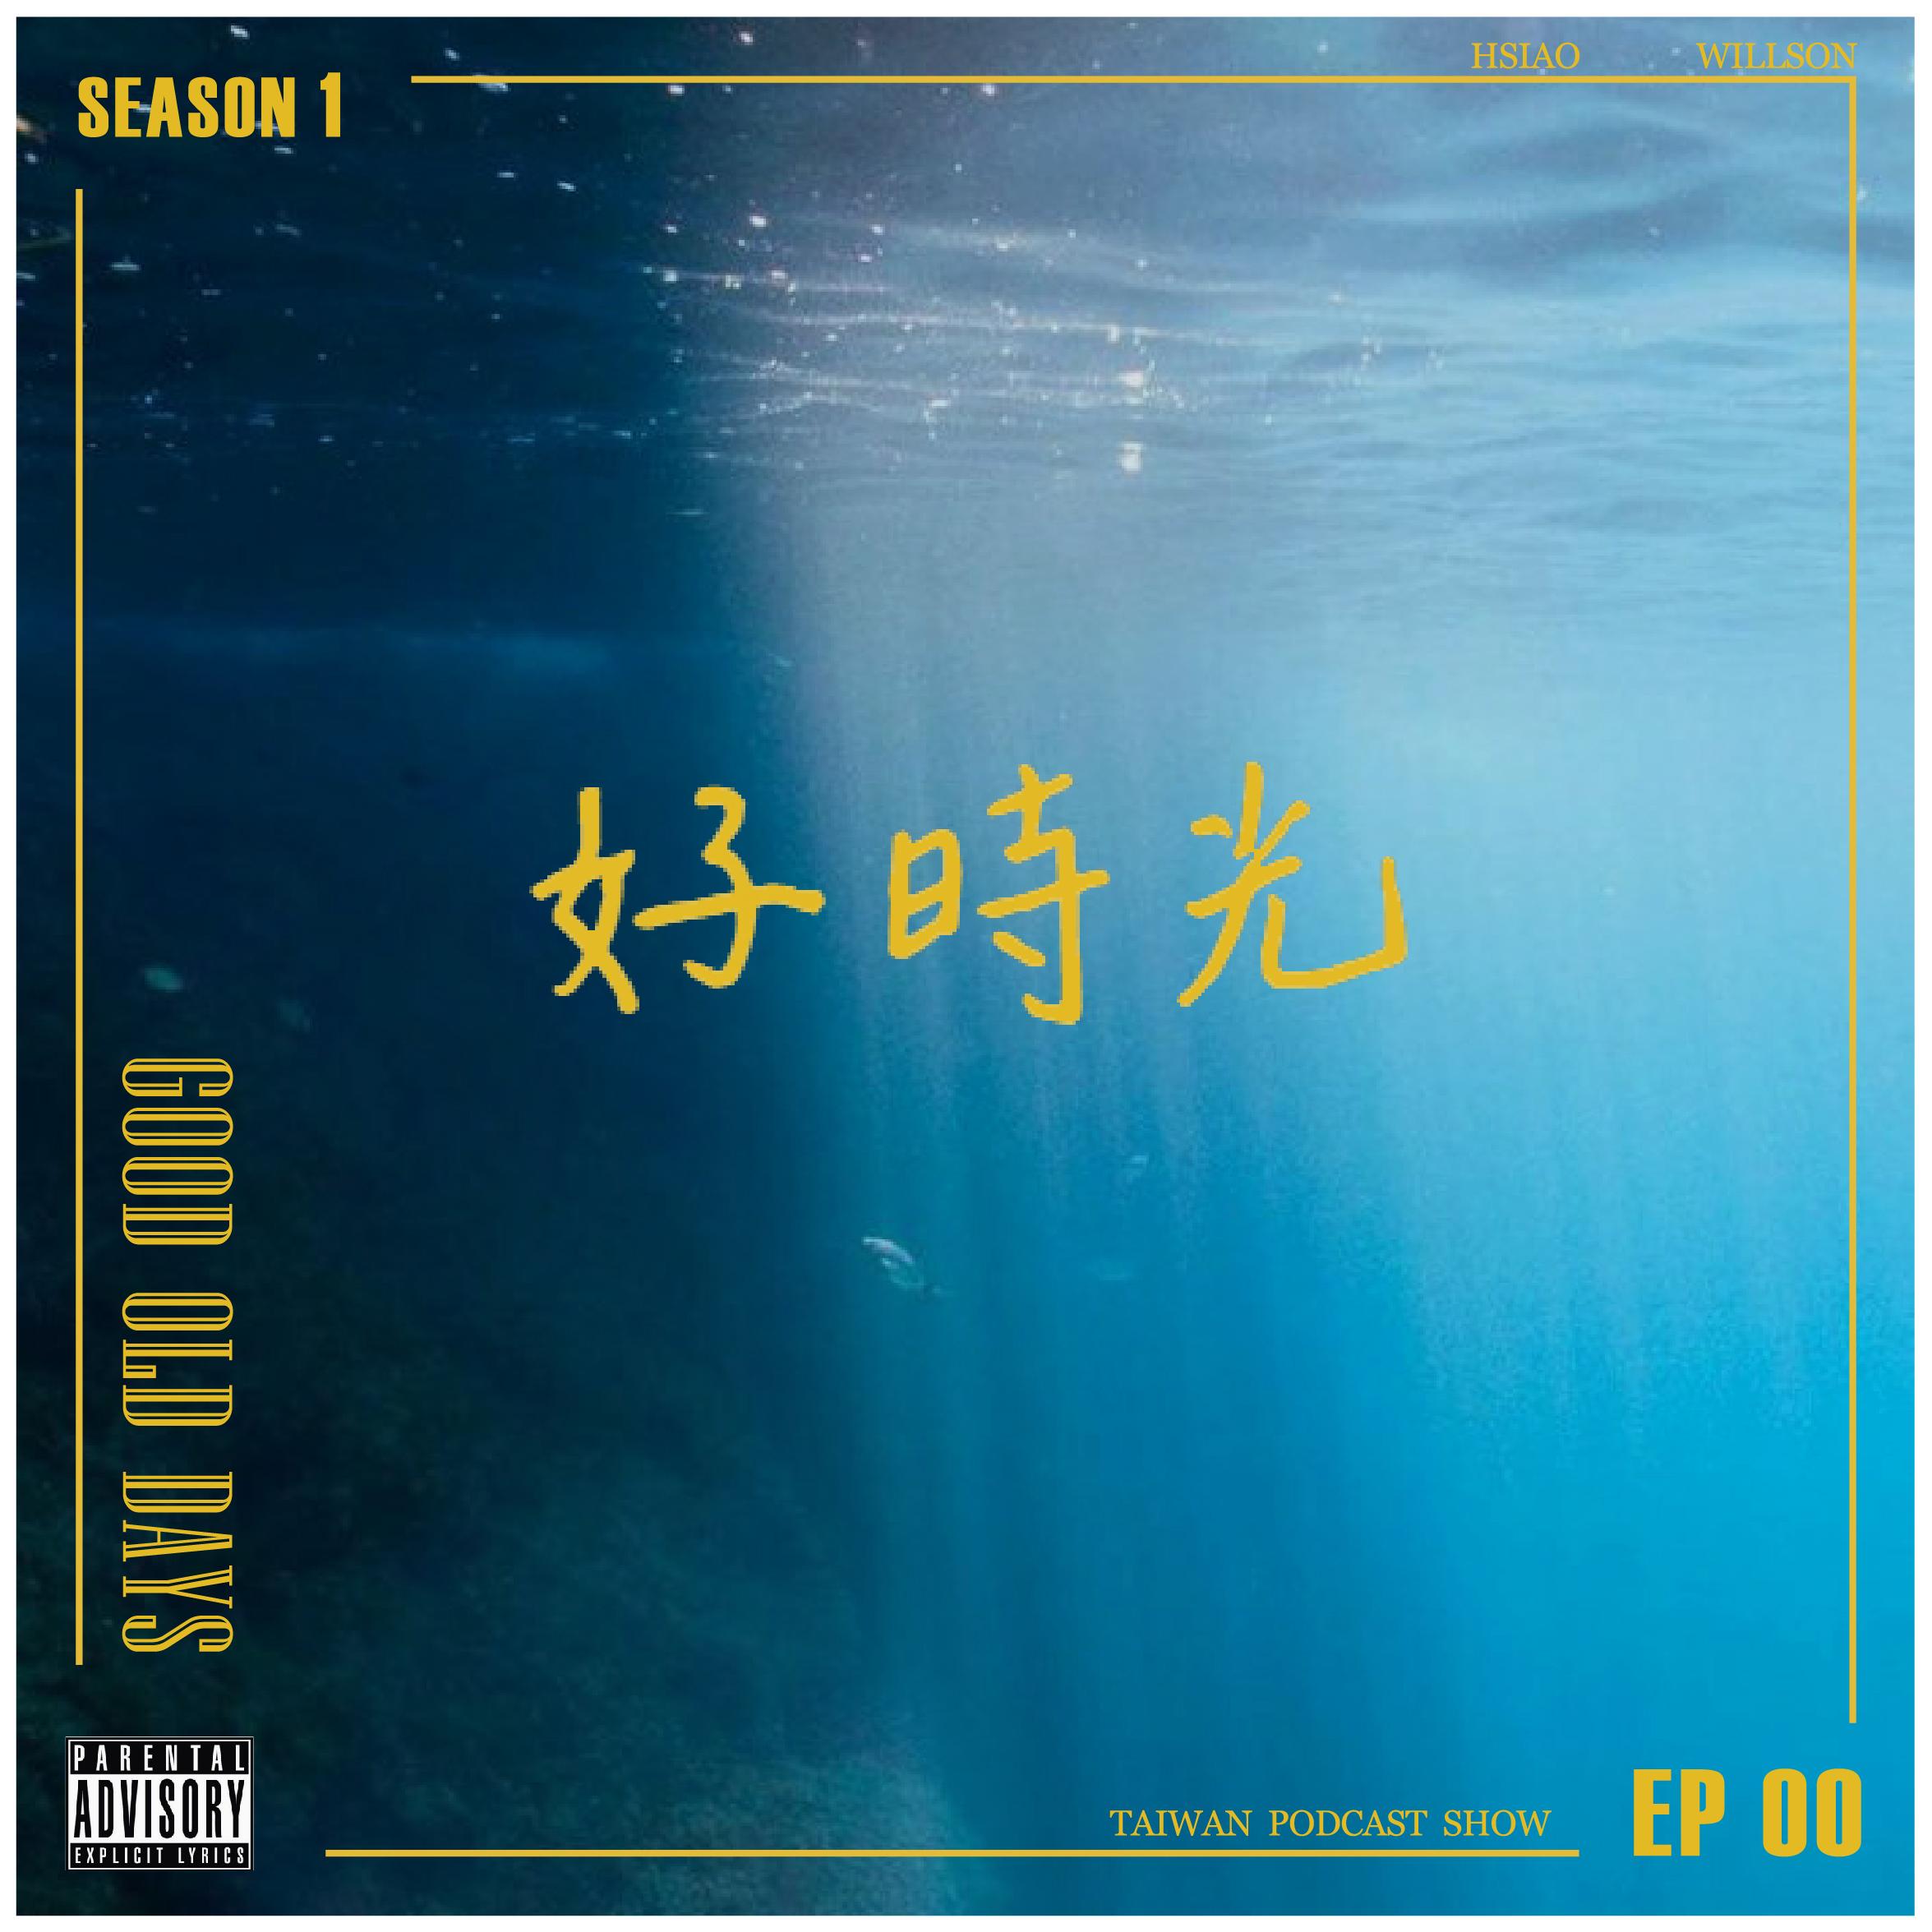 第 0 集 |新節目試播集來叻 X 湖人隊千古罪人 X 小明與大偉